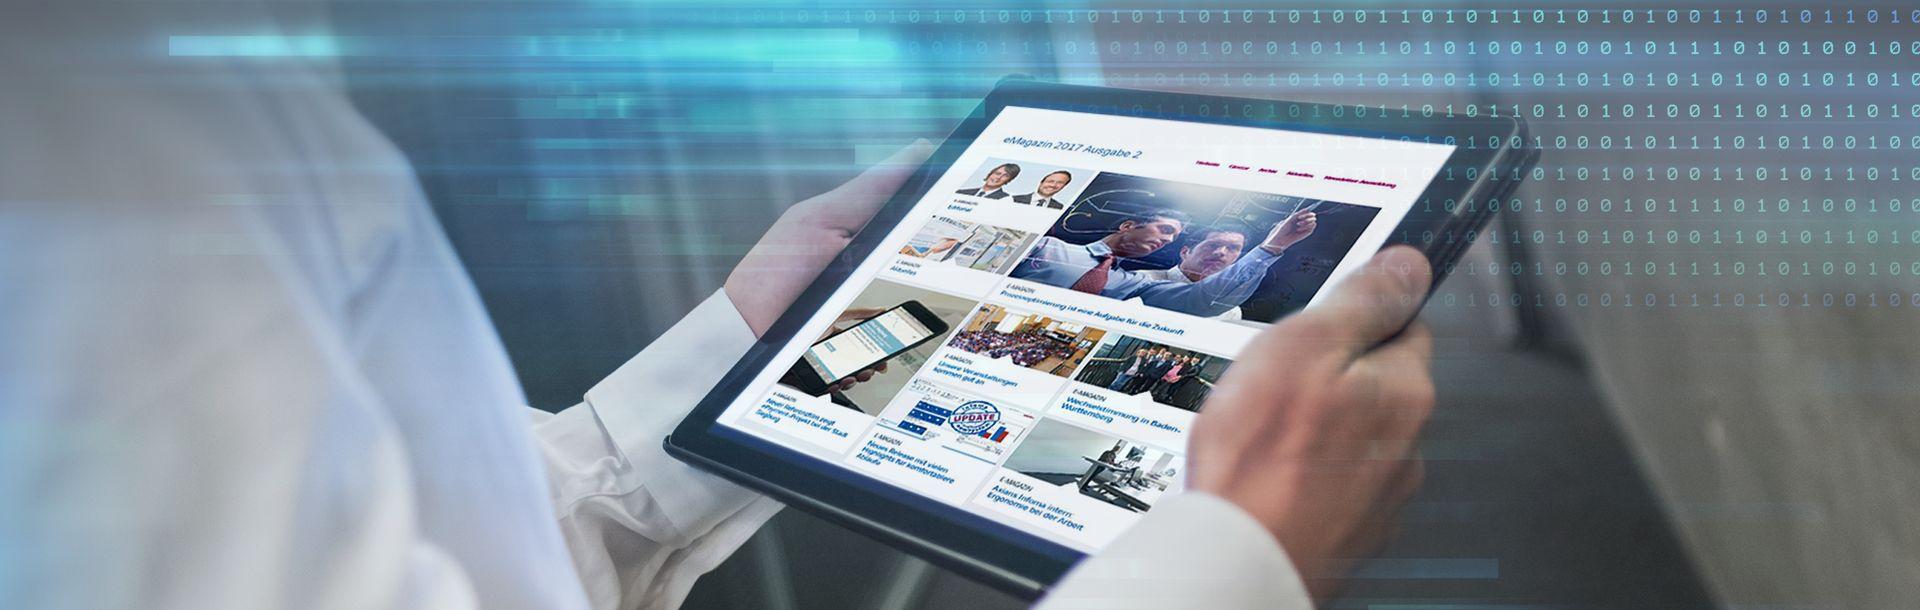 Die neue eMagazin-Ausgabe ist online - gleich reinklicken!